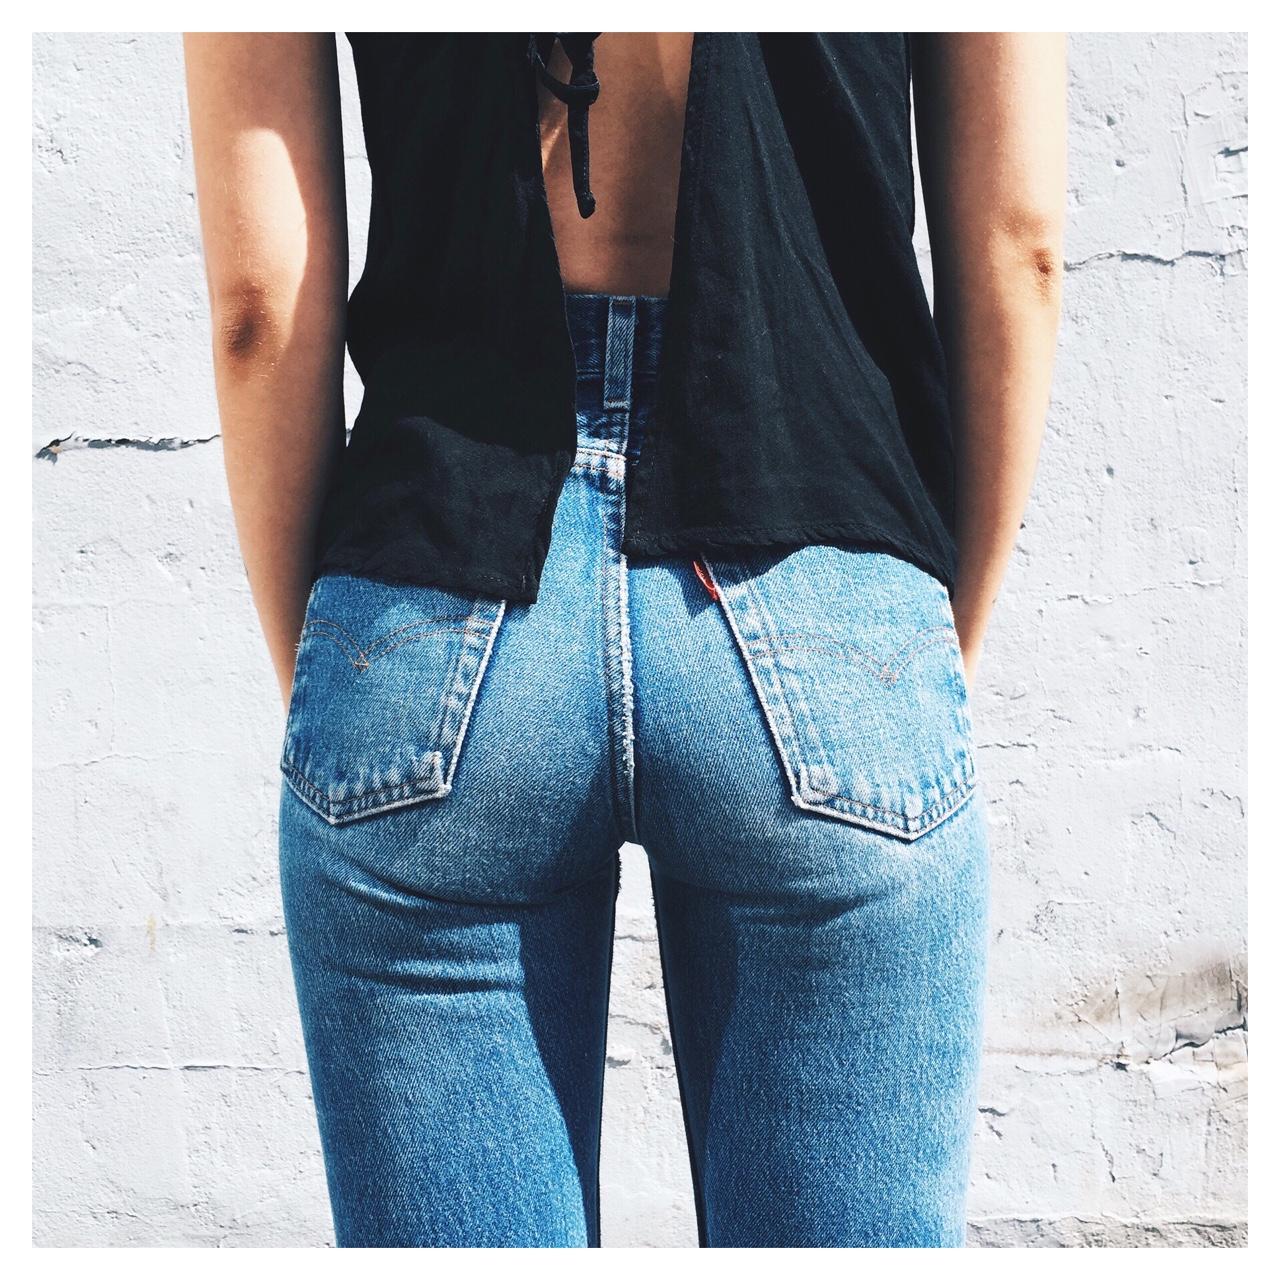 【着尻エロ画像】ピチピチだね!内部の蒸れ具合にも期待のジーンズ尻(υ´Д`)